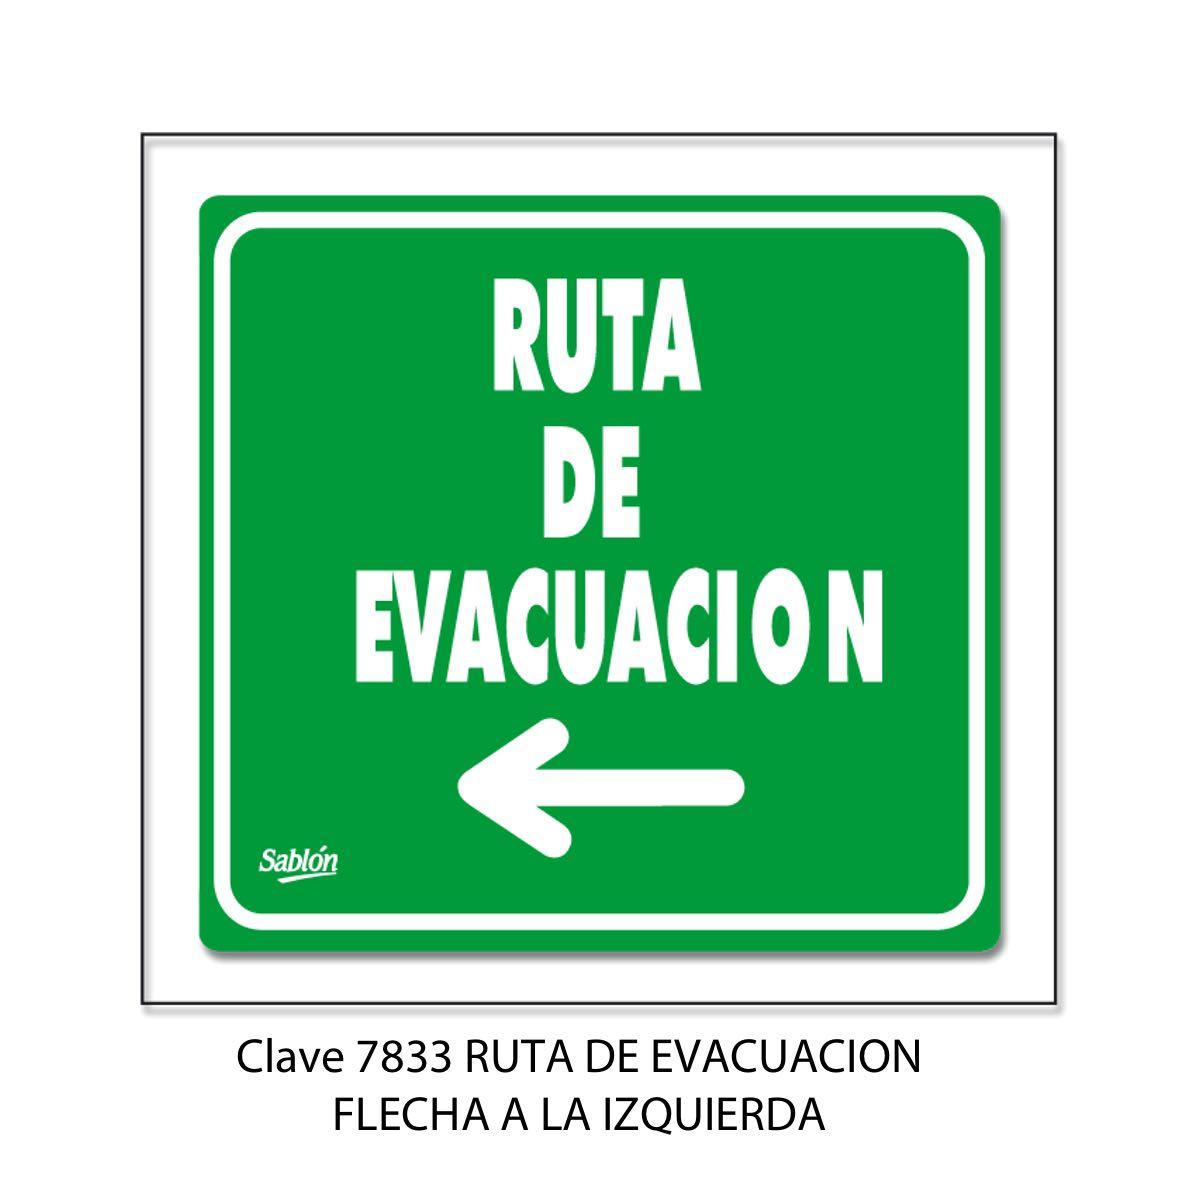 Señal Ruta de Evacuación Flecha hacia la Izquierda Modelo 7833 - Sablón